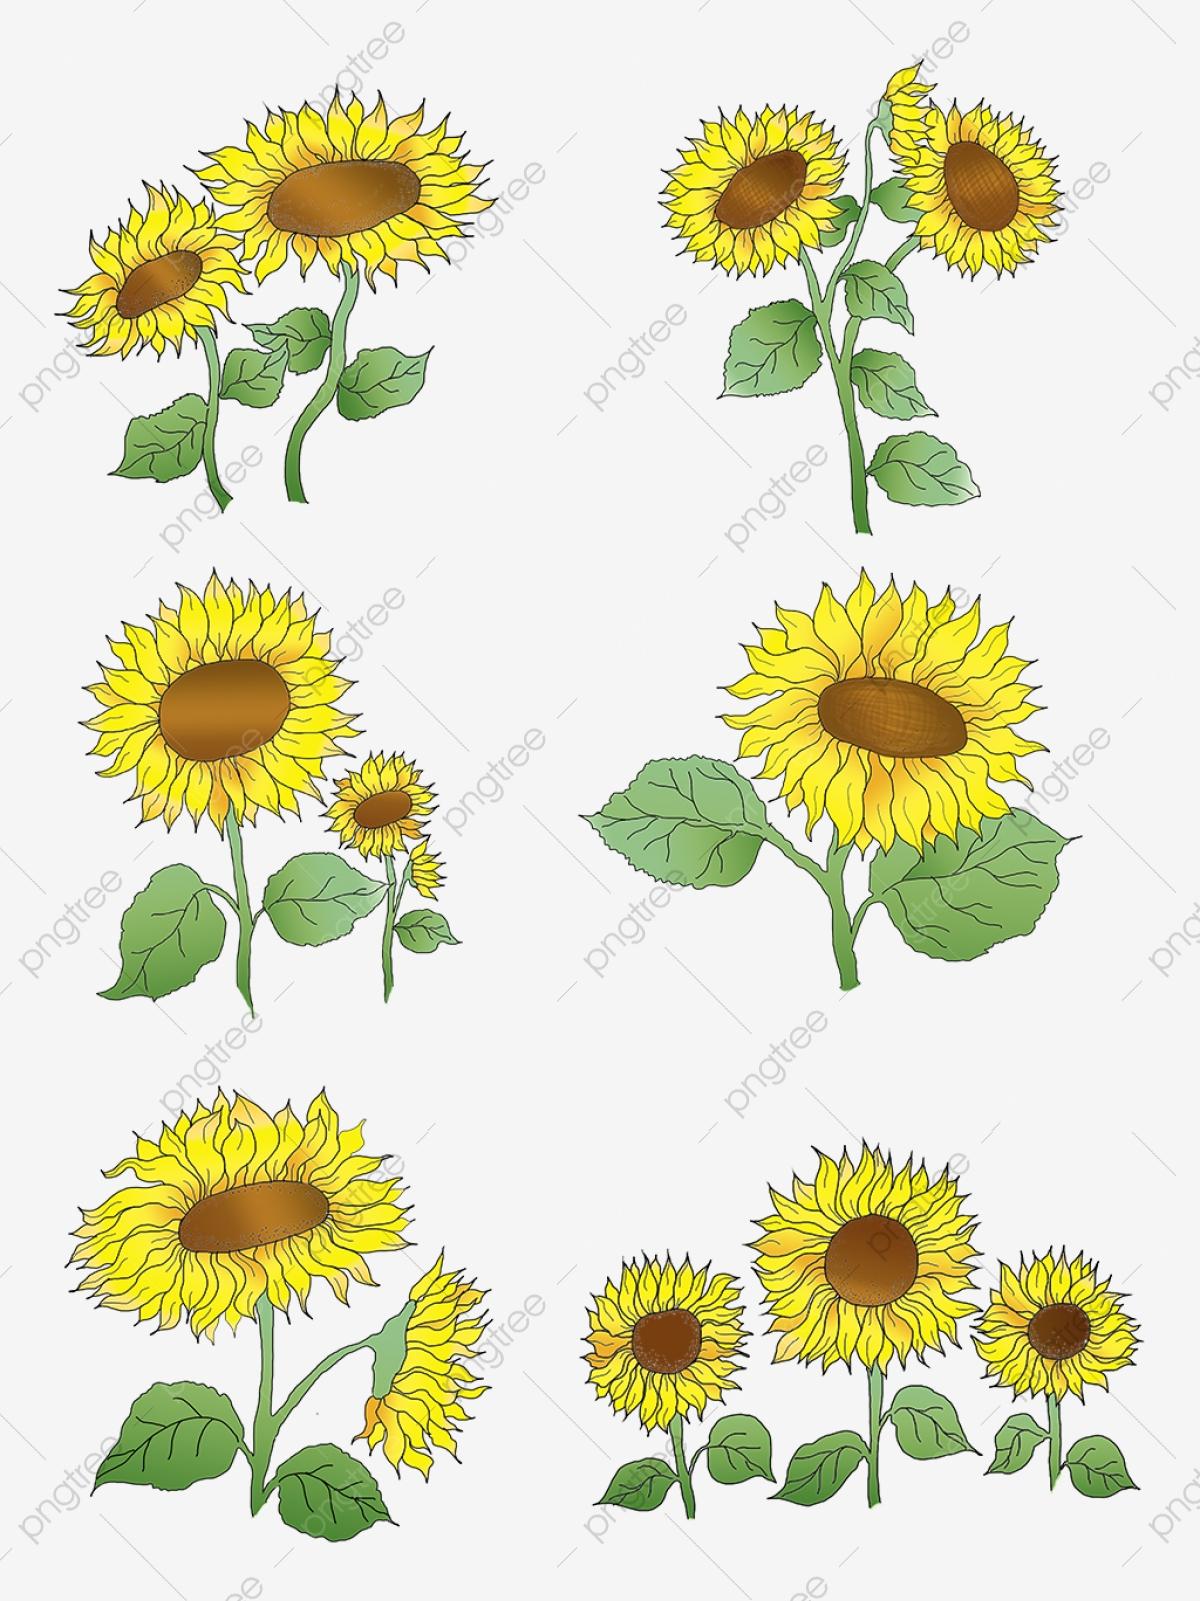 無料ダウンロードのためのイラストヒマワリ ひまわりのひまわり 花の植物